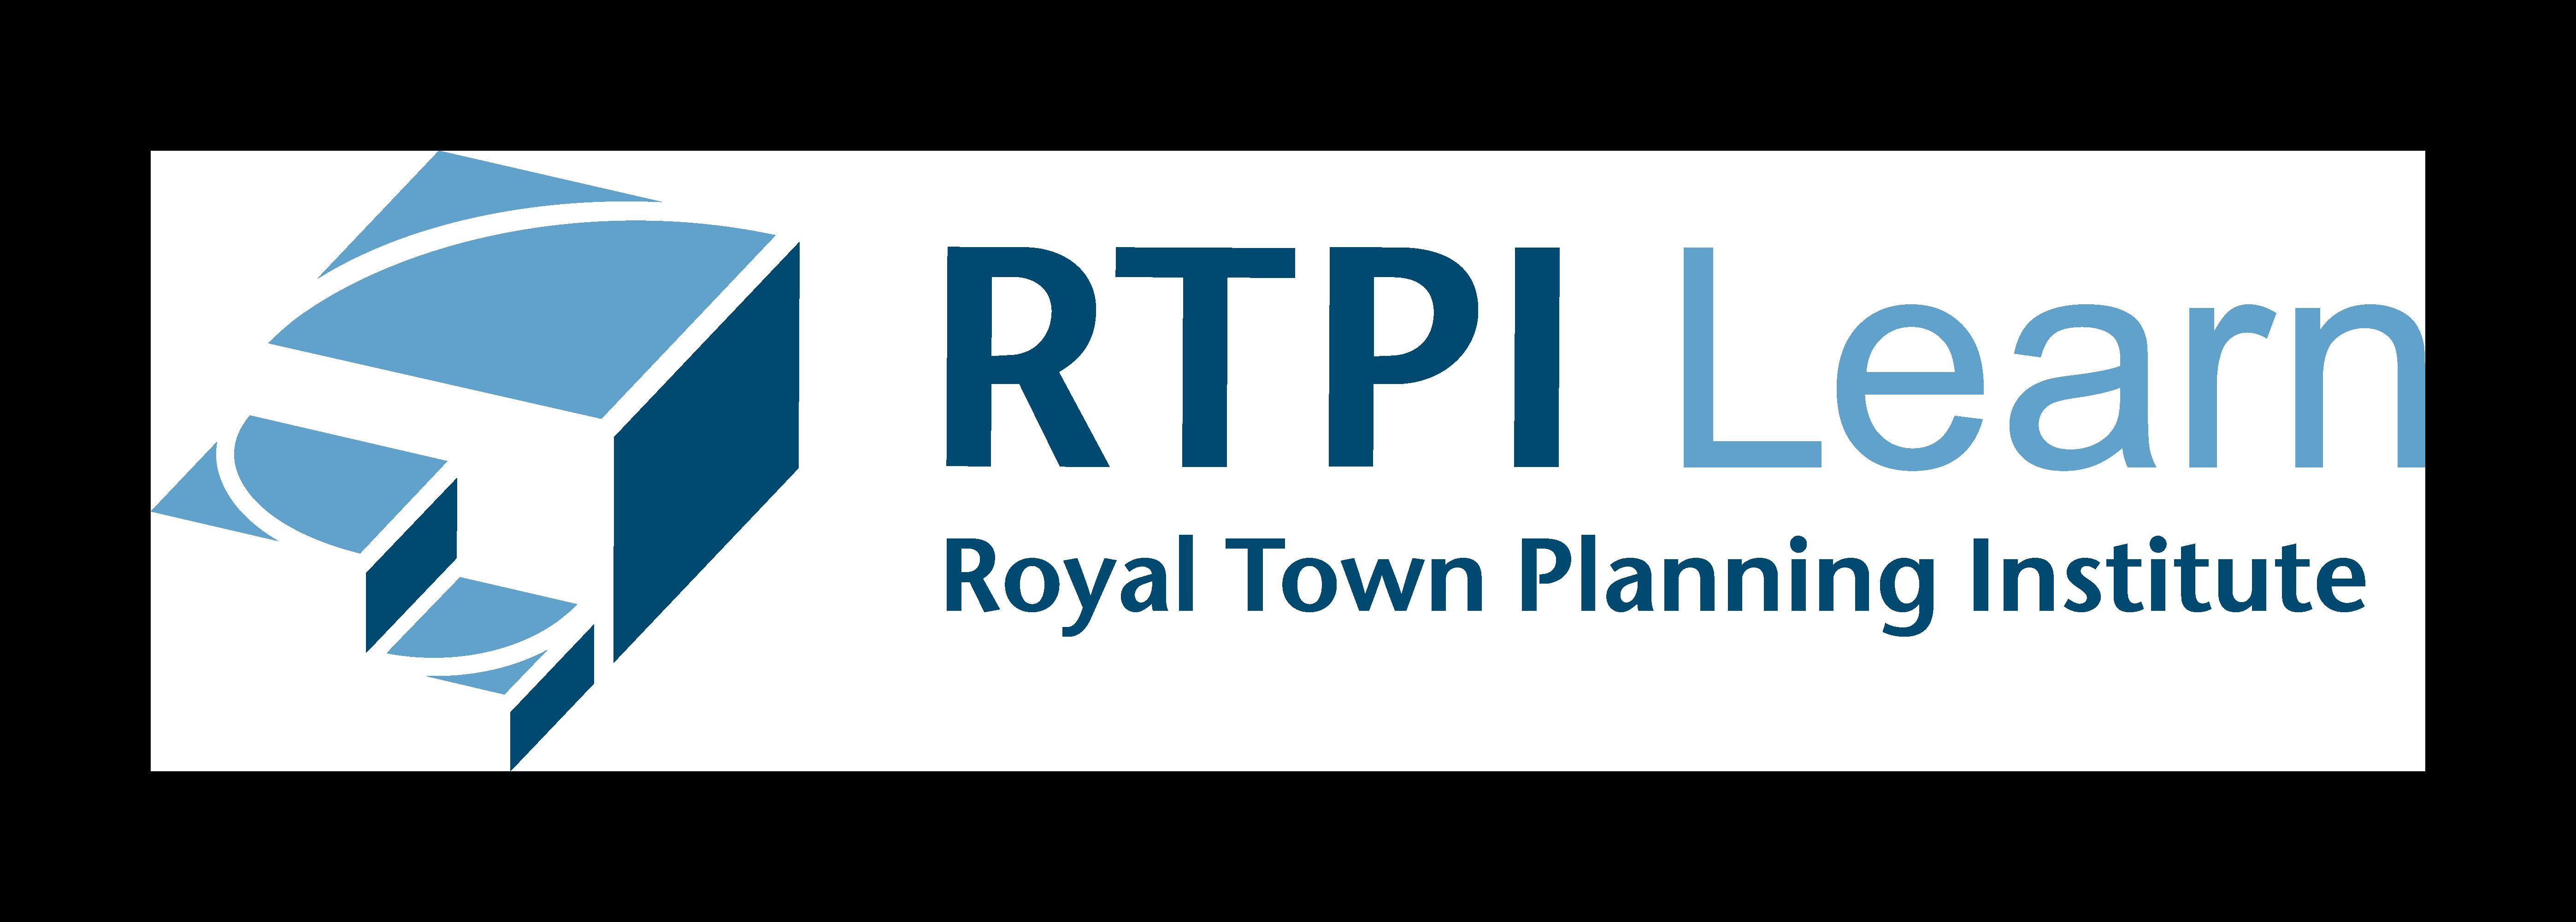 rtpi logo